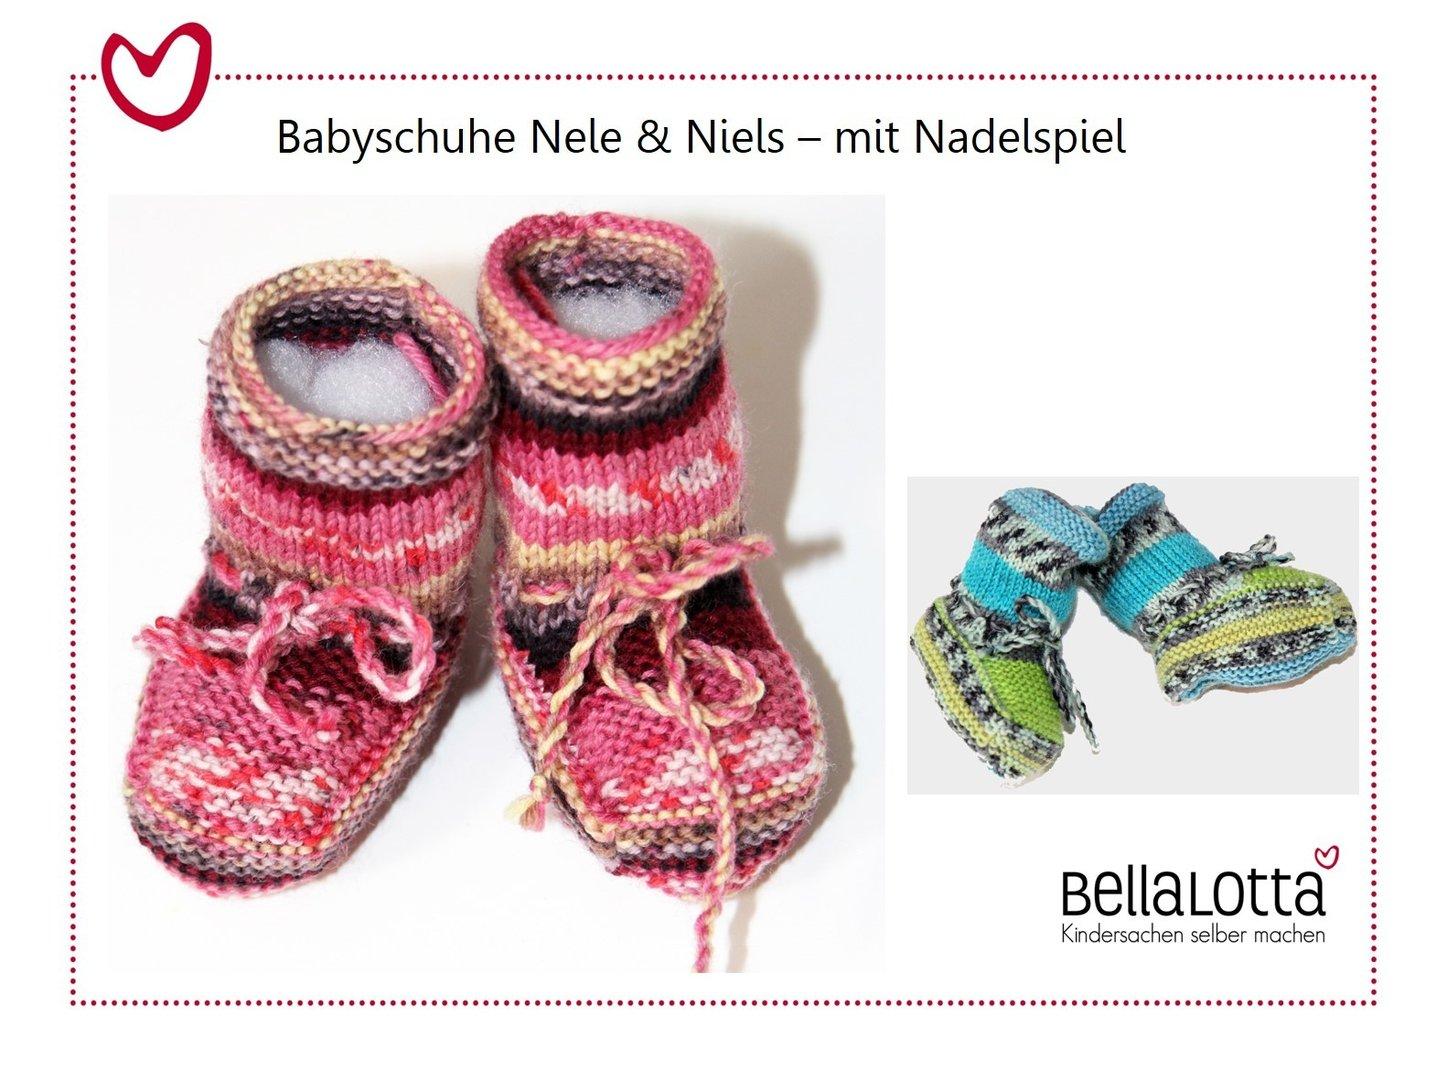 Strickanleitung Babyschühchen Nele & Niels, 0-9 Monate